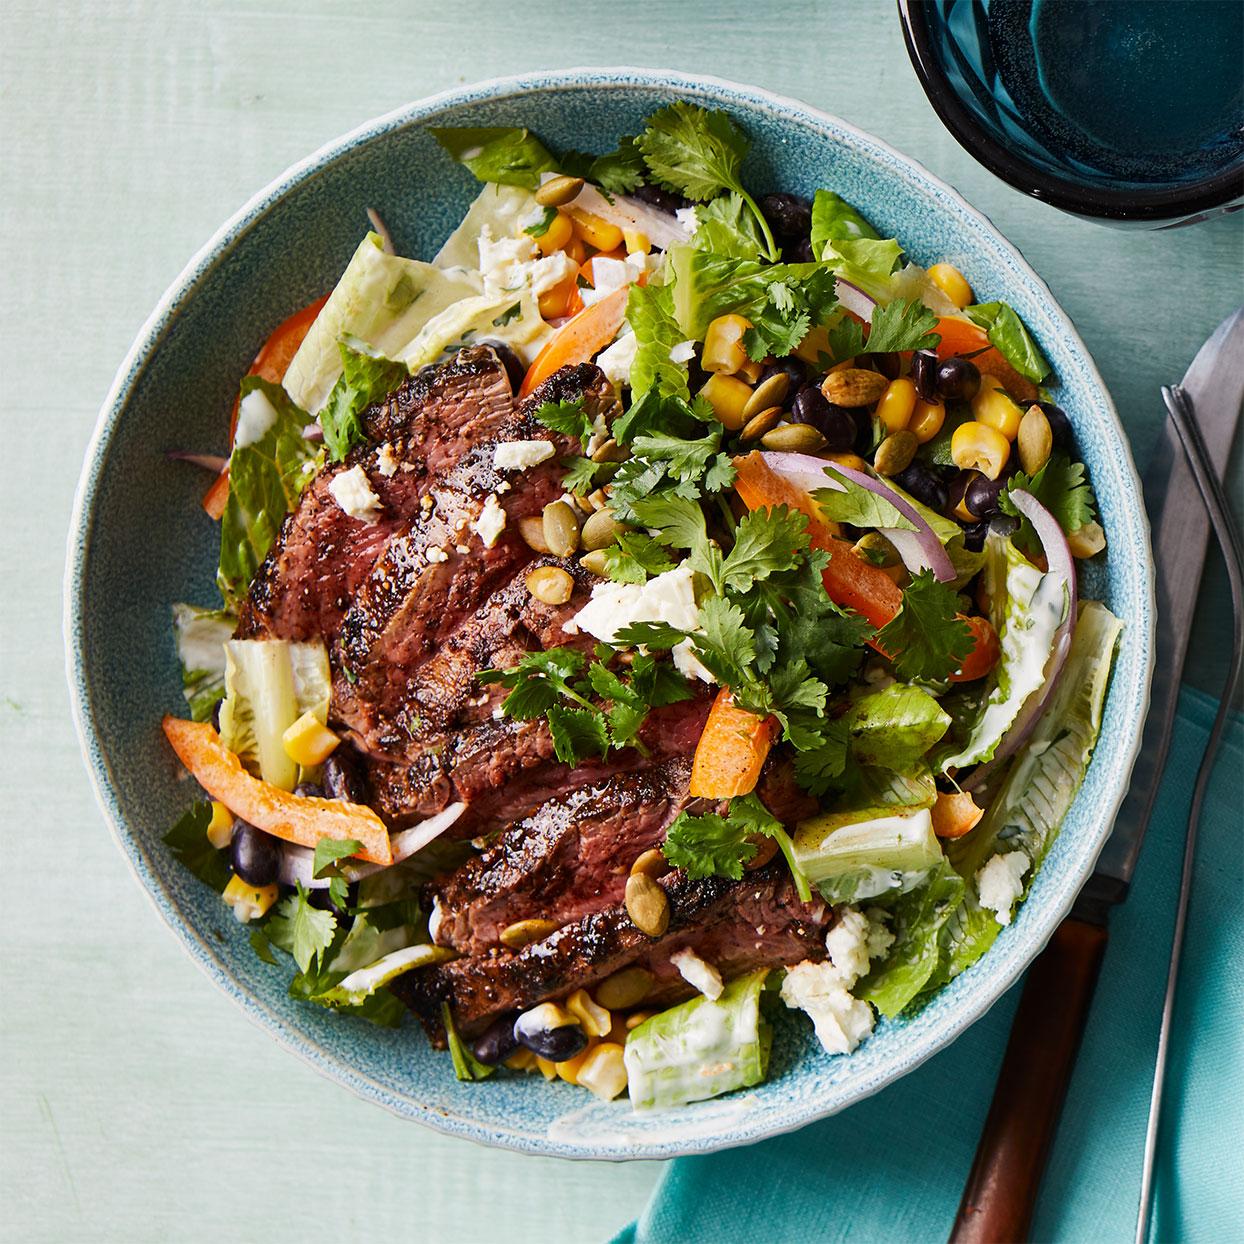 Chili-Rubbed Flank Steak Salad Sara Haas, R.D.N., L.D.N.